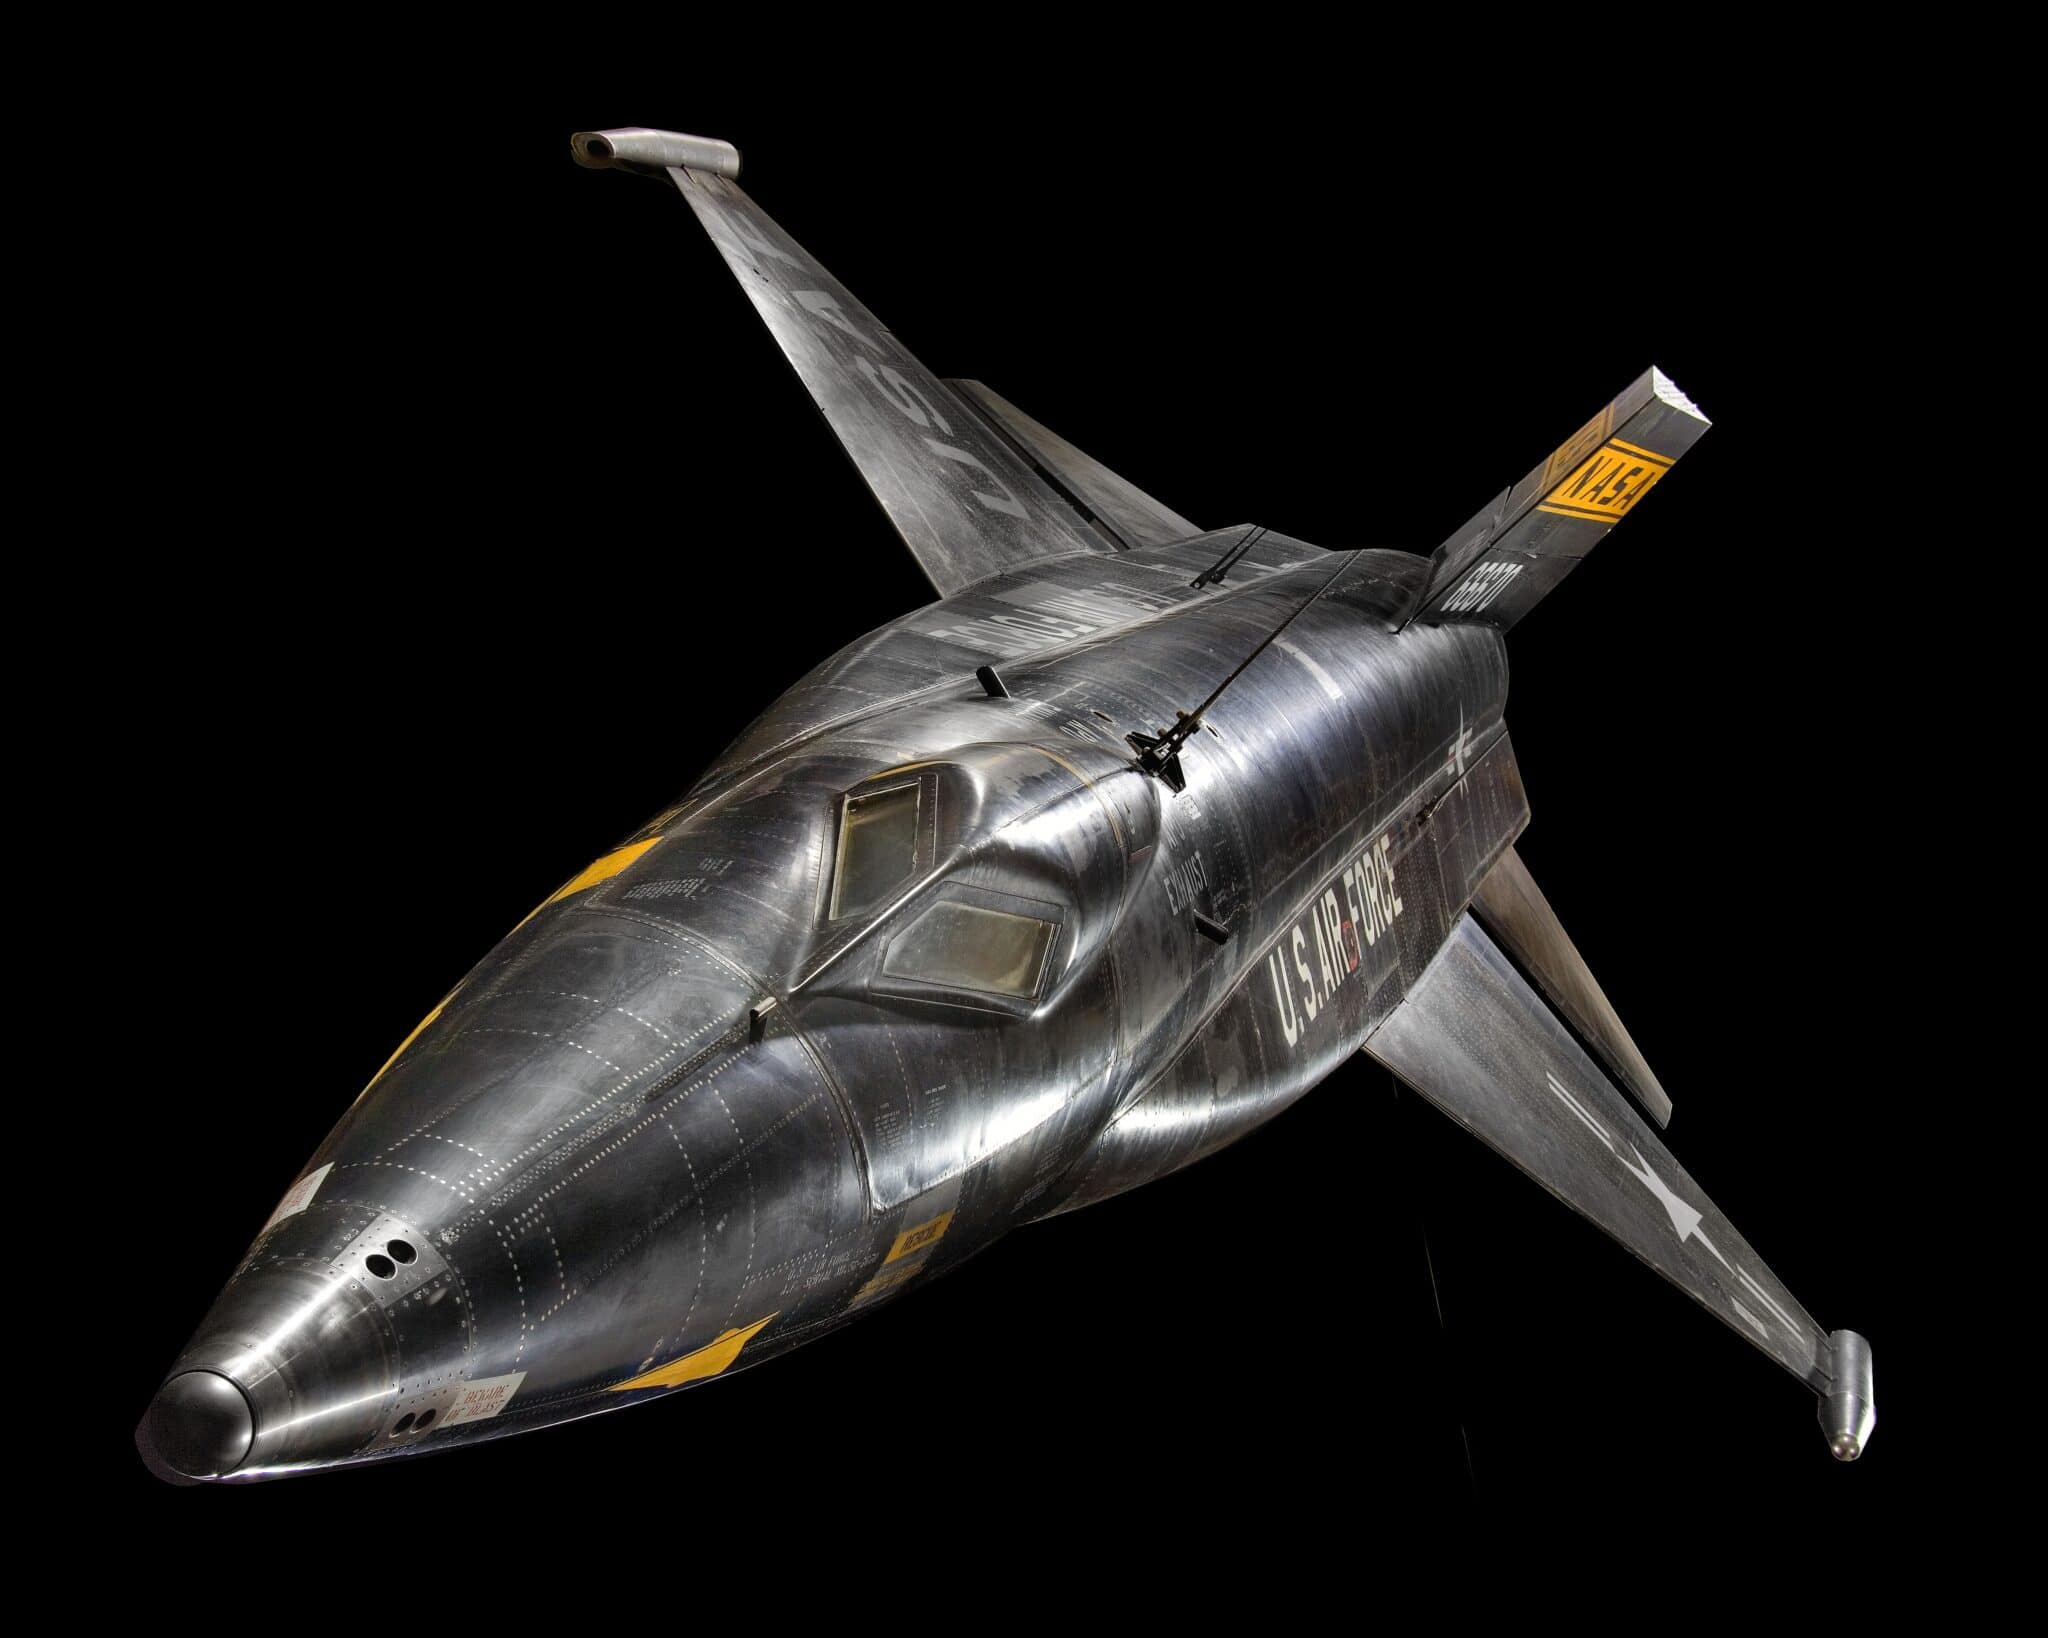 Il leggendario North American X-15, uno degli X-planes del programma di ricerca di volo NASA. Esemplare conservato presso lo Smithsonian National Air and Space Musem. Crediti: Smithsonian NASM.